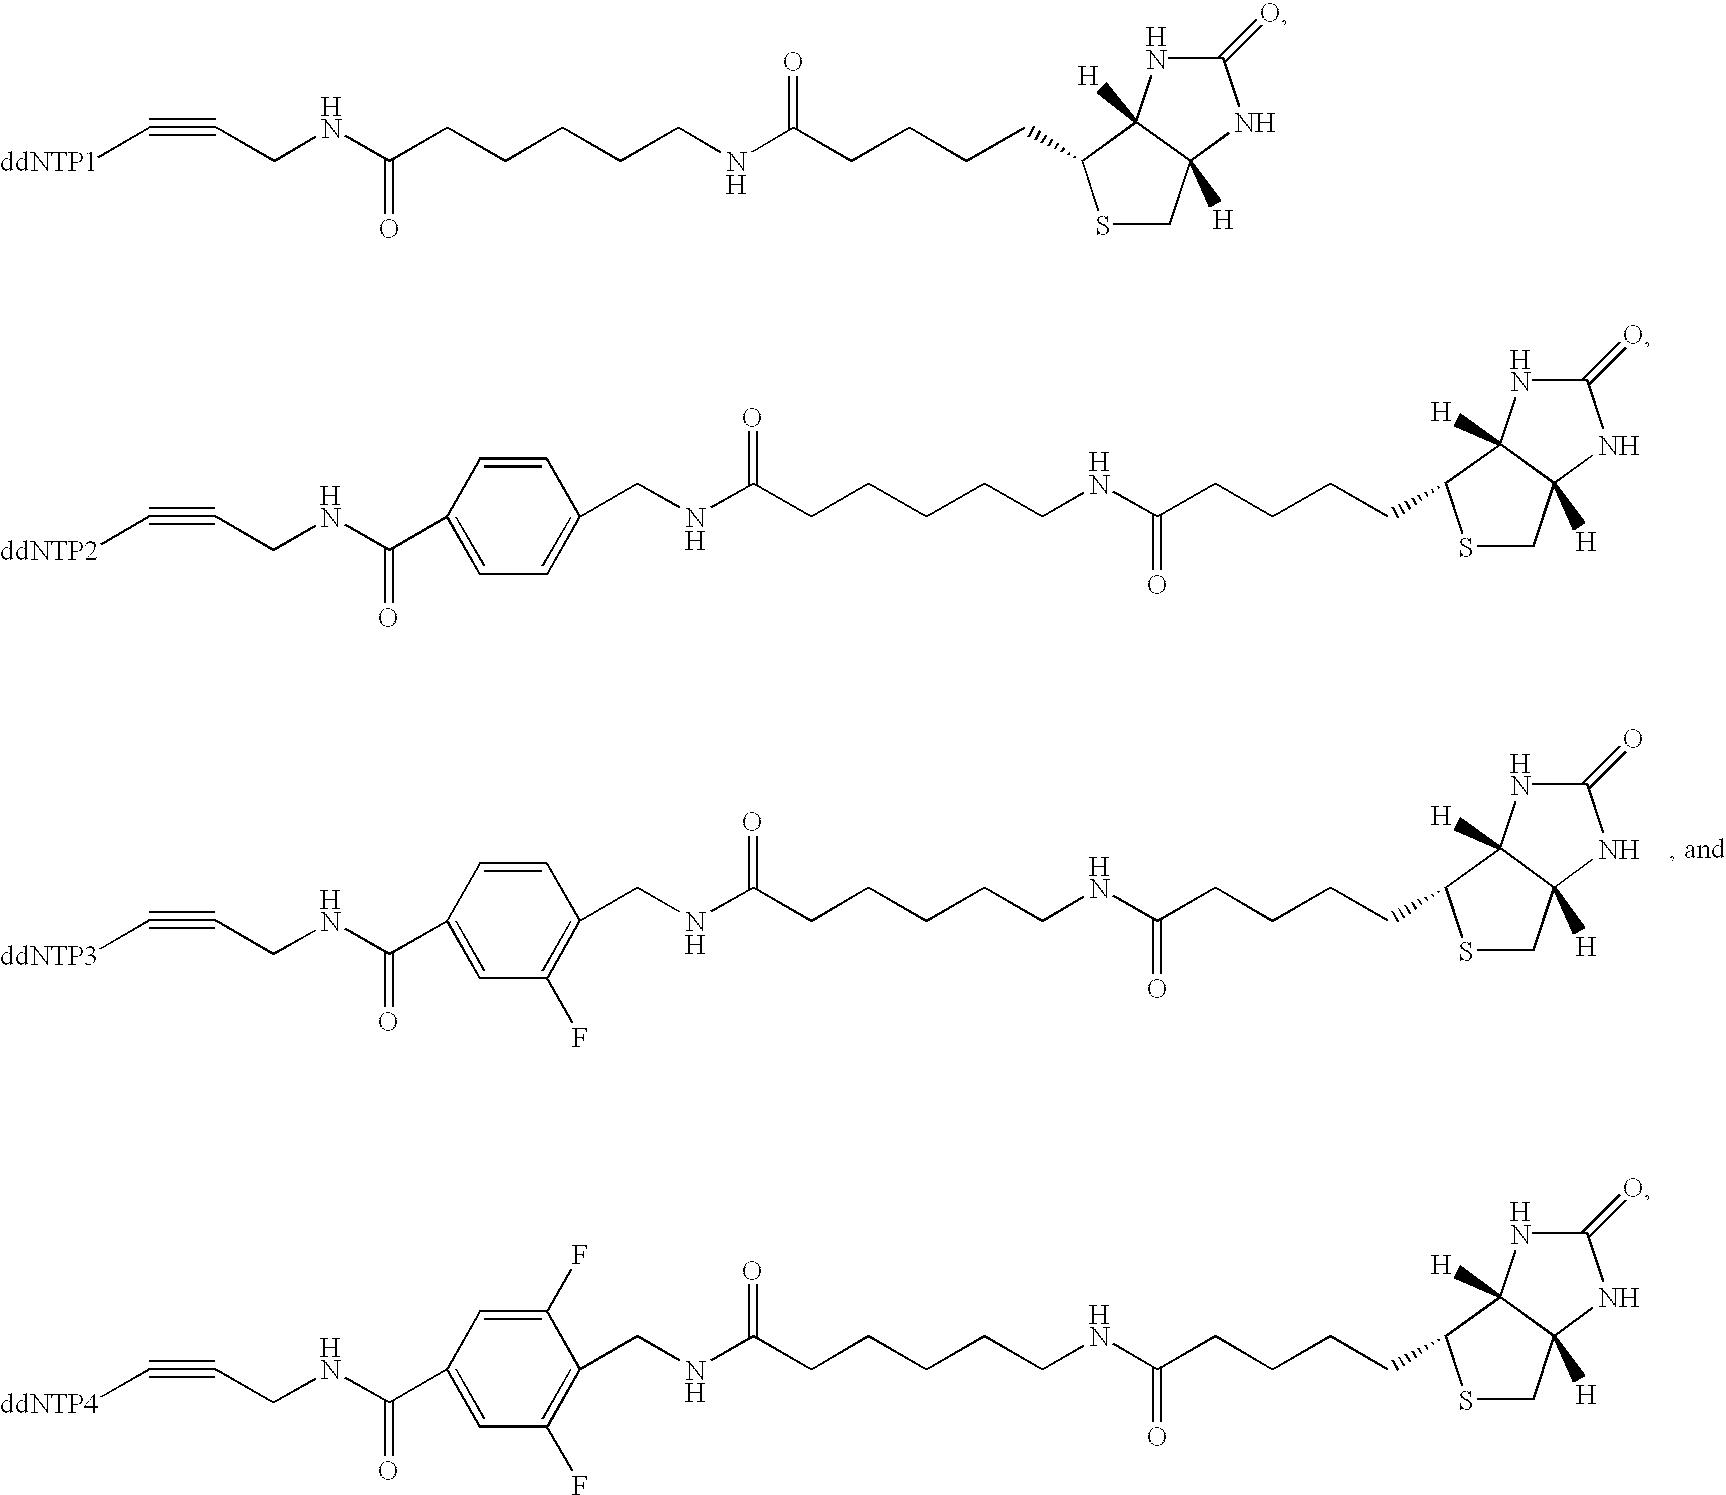 Figure US20030027140A1-20030206-C00002